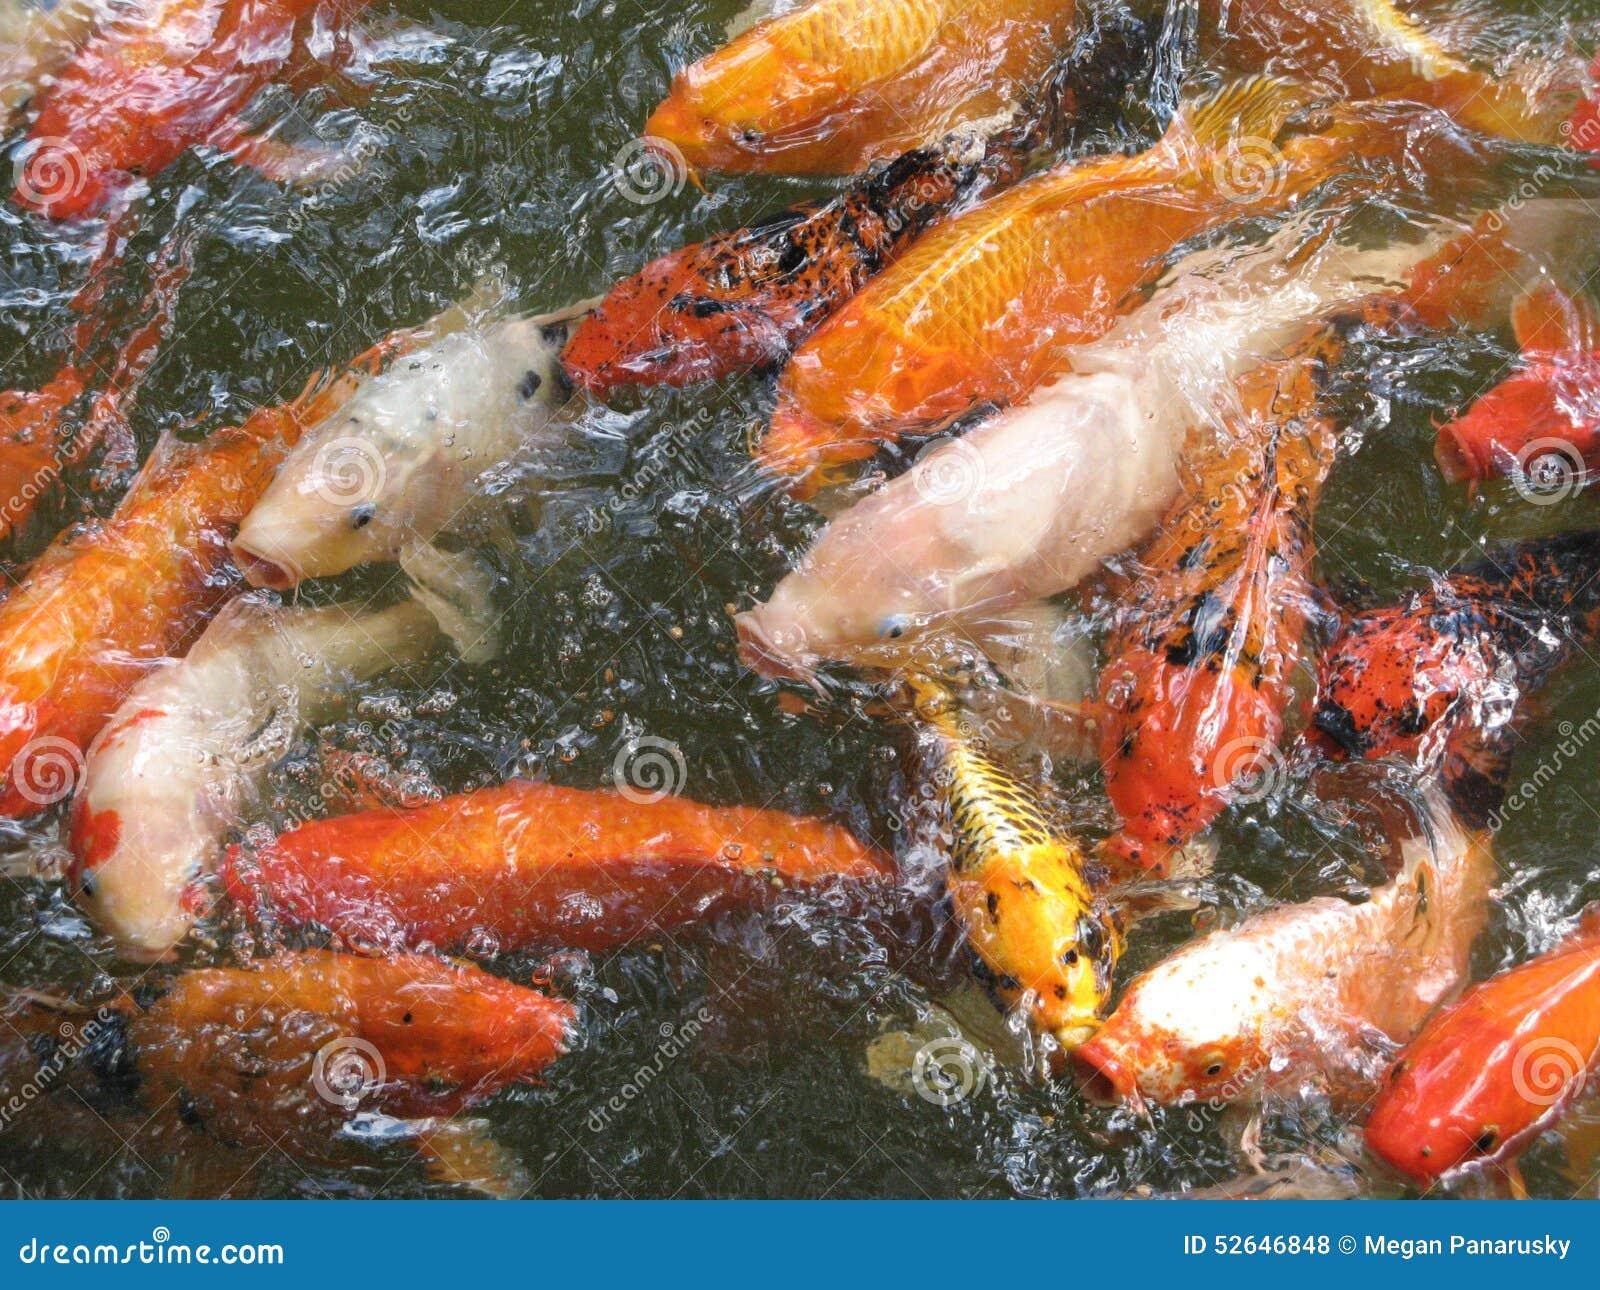 Feeding koi stock photo image 52646848 for Feeding koi fish